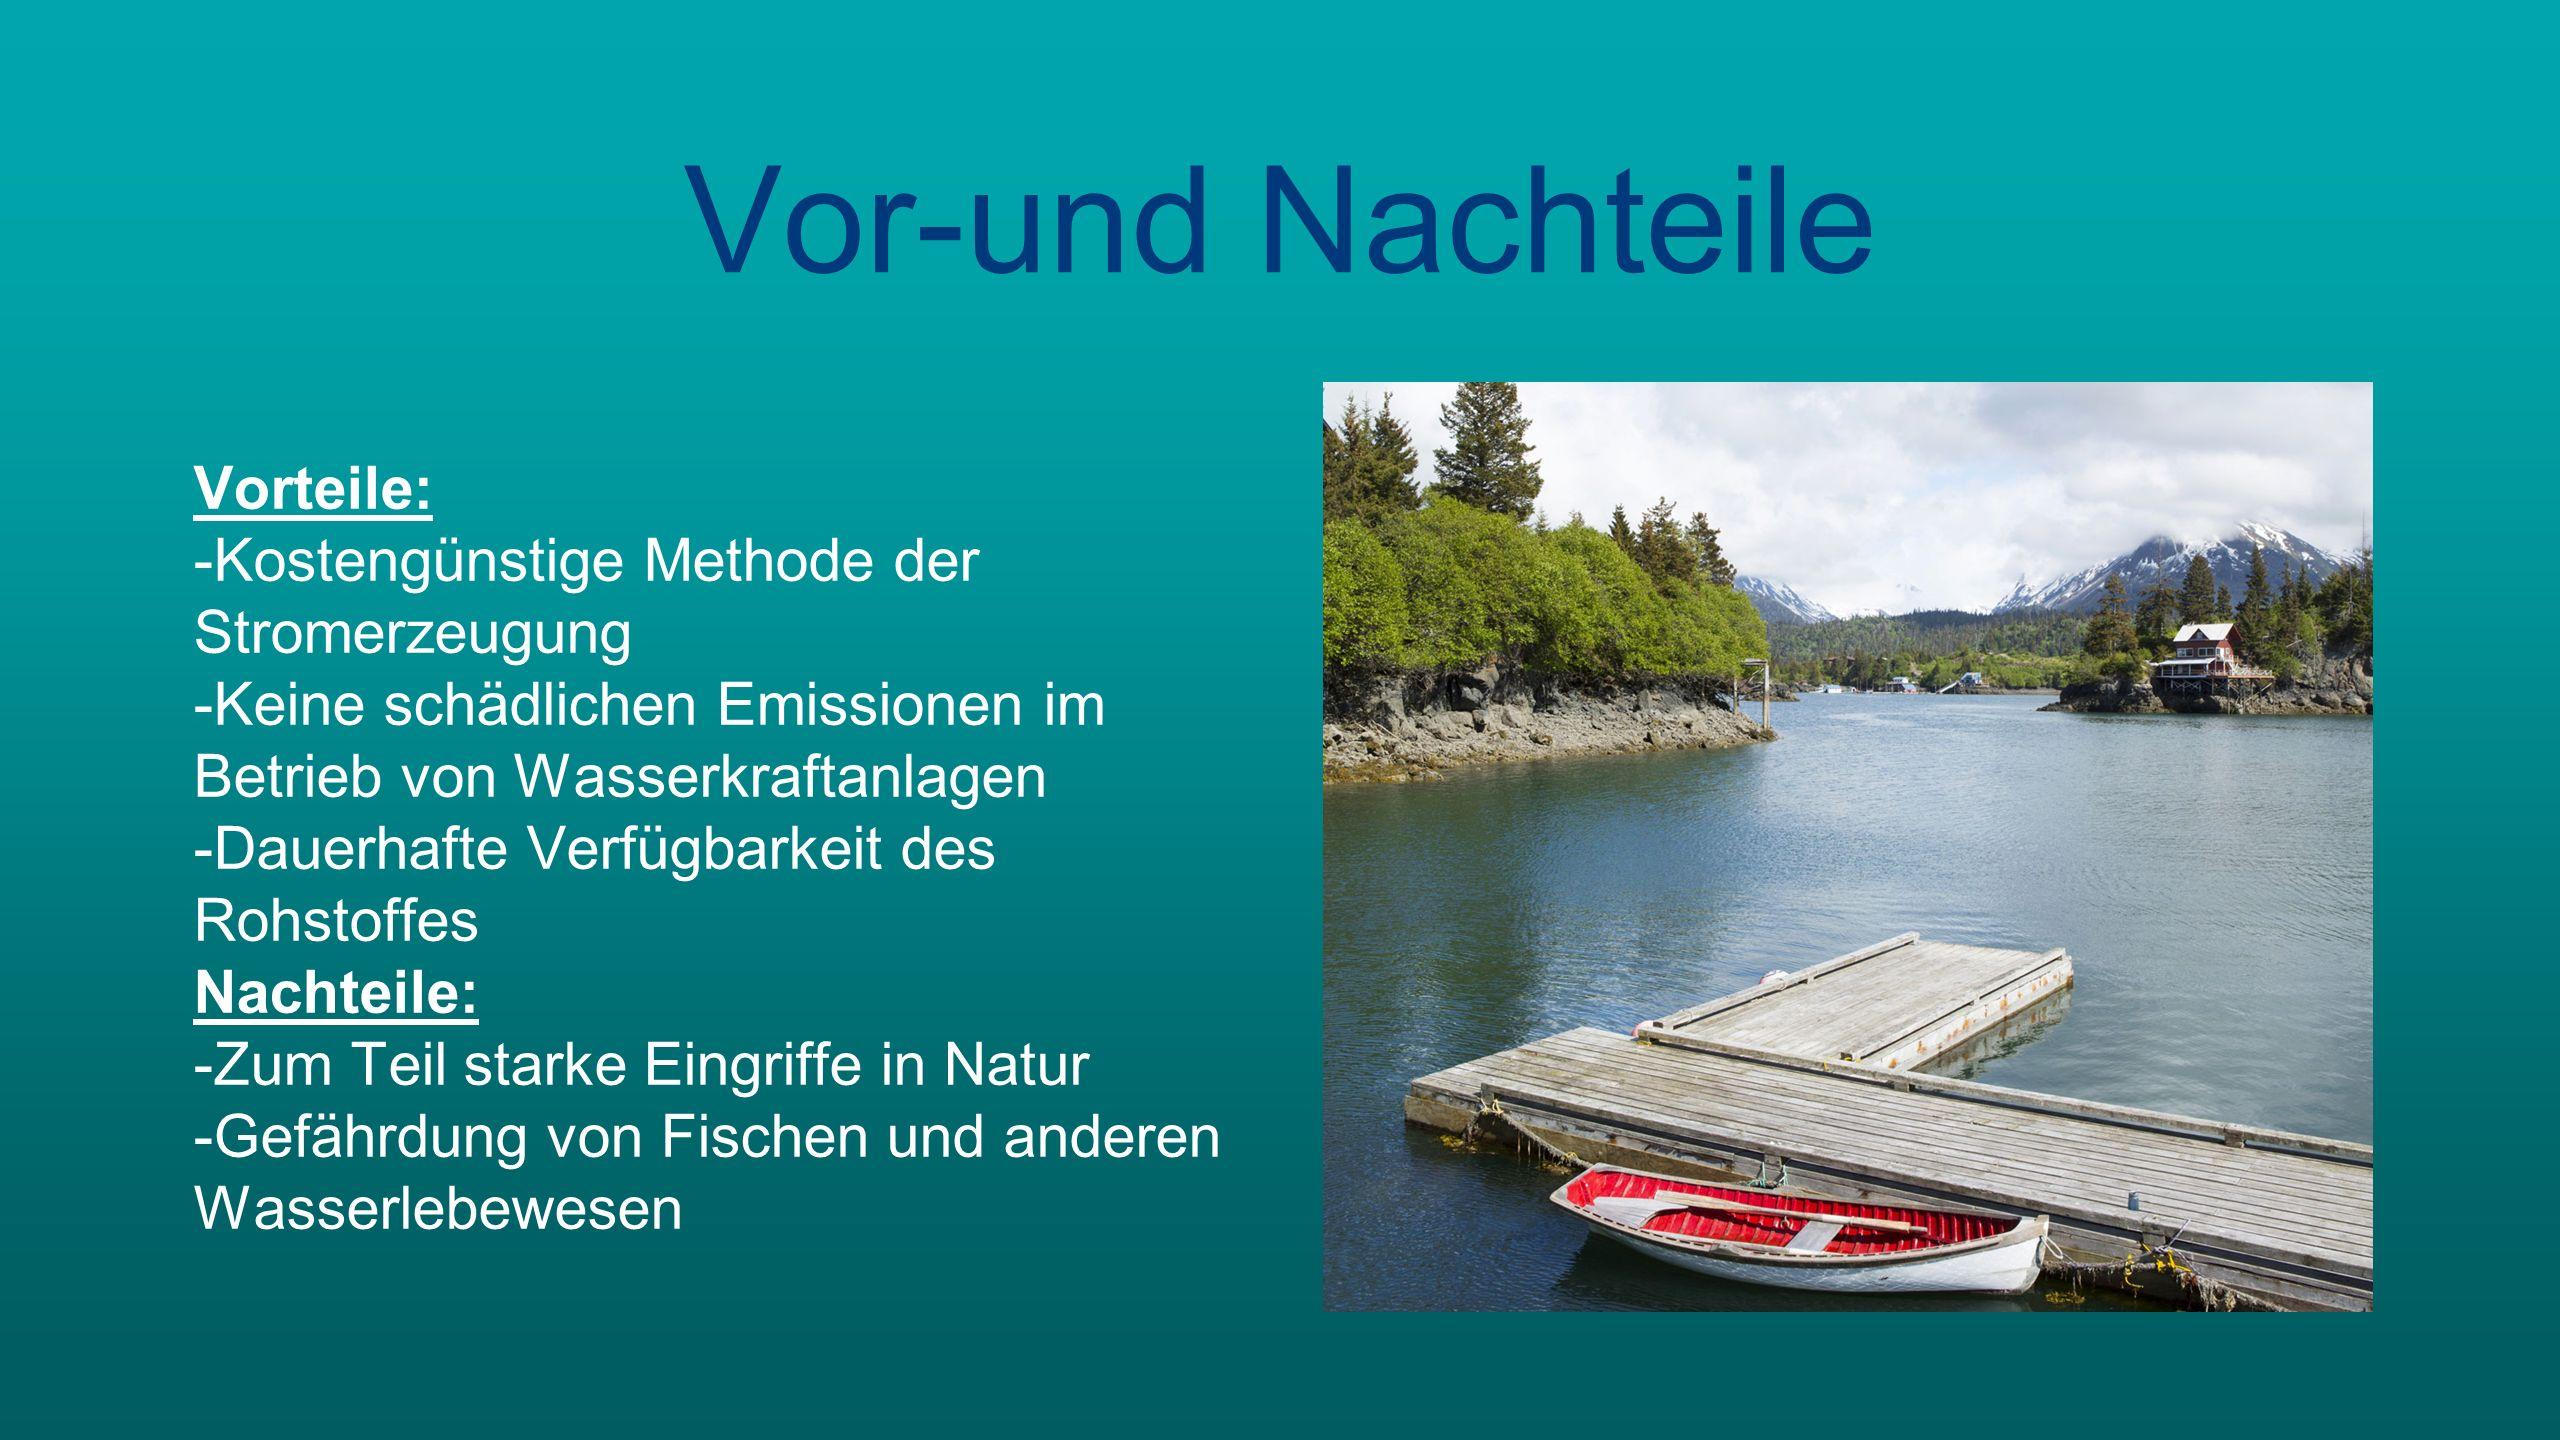 Vor-und Nachteile Vorteile: -Kostengünstige Methode der Stromerzeugung -Keine schädlichen Emissionen im Betrieb von Wasserkraftanlagen -Dauerhafte Verfügbarkeit des Rohstoffes Nachteile: -Zum Teil starke Eingriffe in Natur -Gefährdung von Fischen und anderen Wasserlebewesen